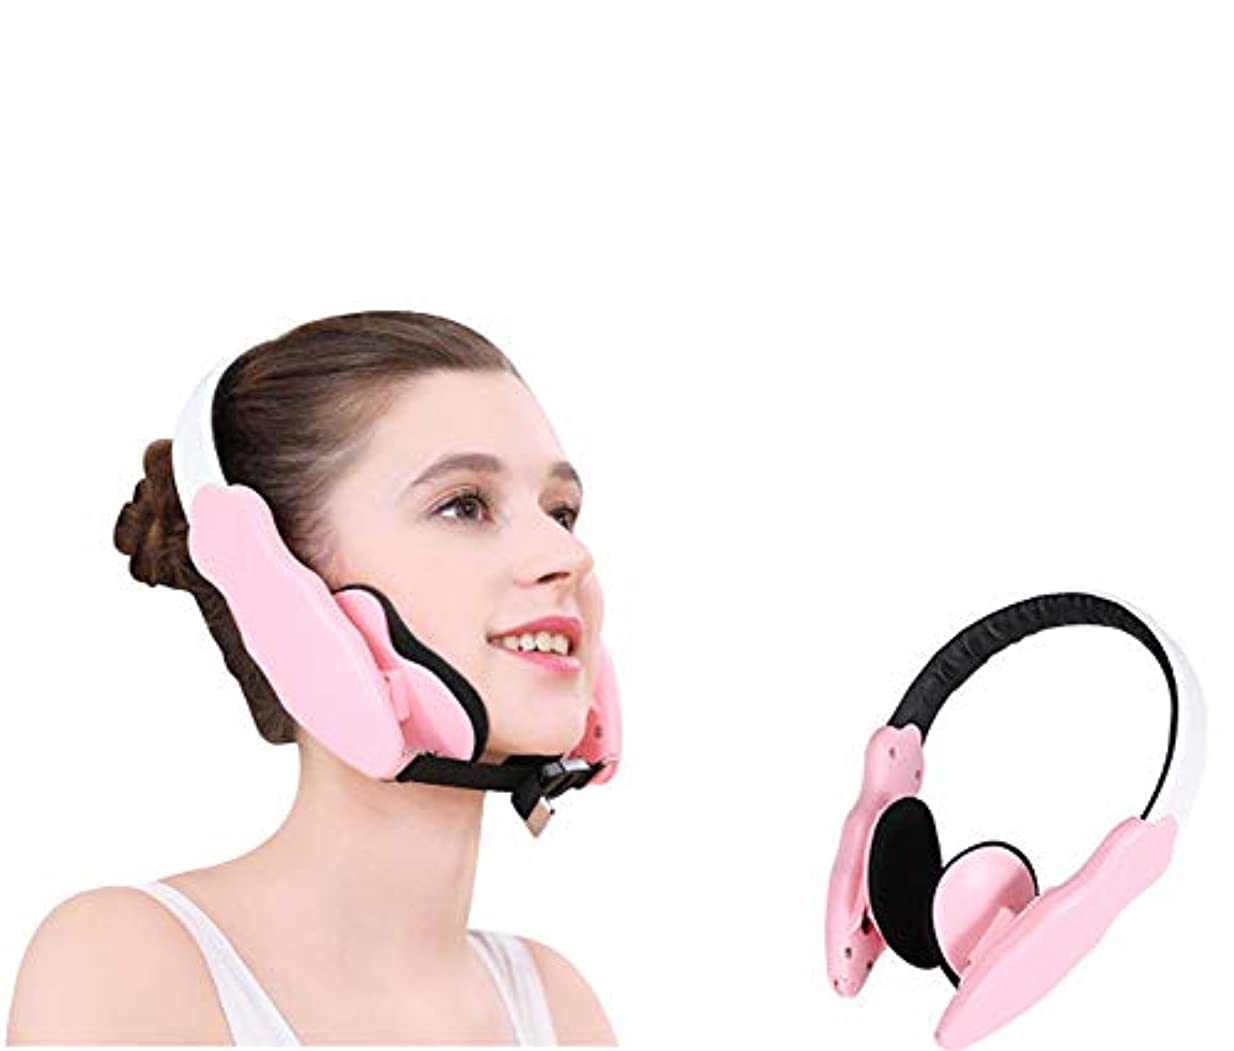 リットル吸う傾向フェイスリフティングベルト、フェイスコレクション、フェイスリフティングインストゥルメント、フェイス/サイズの修正、アシンメトリー、下顎、ジョーアセンブラ (ピンク)